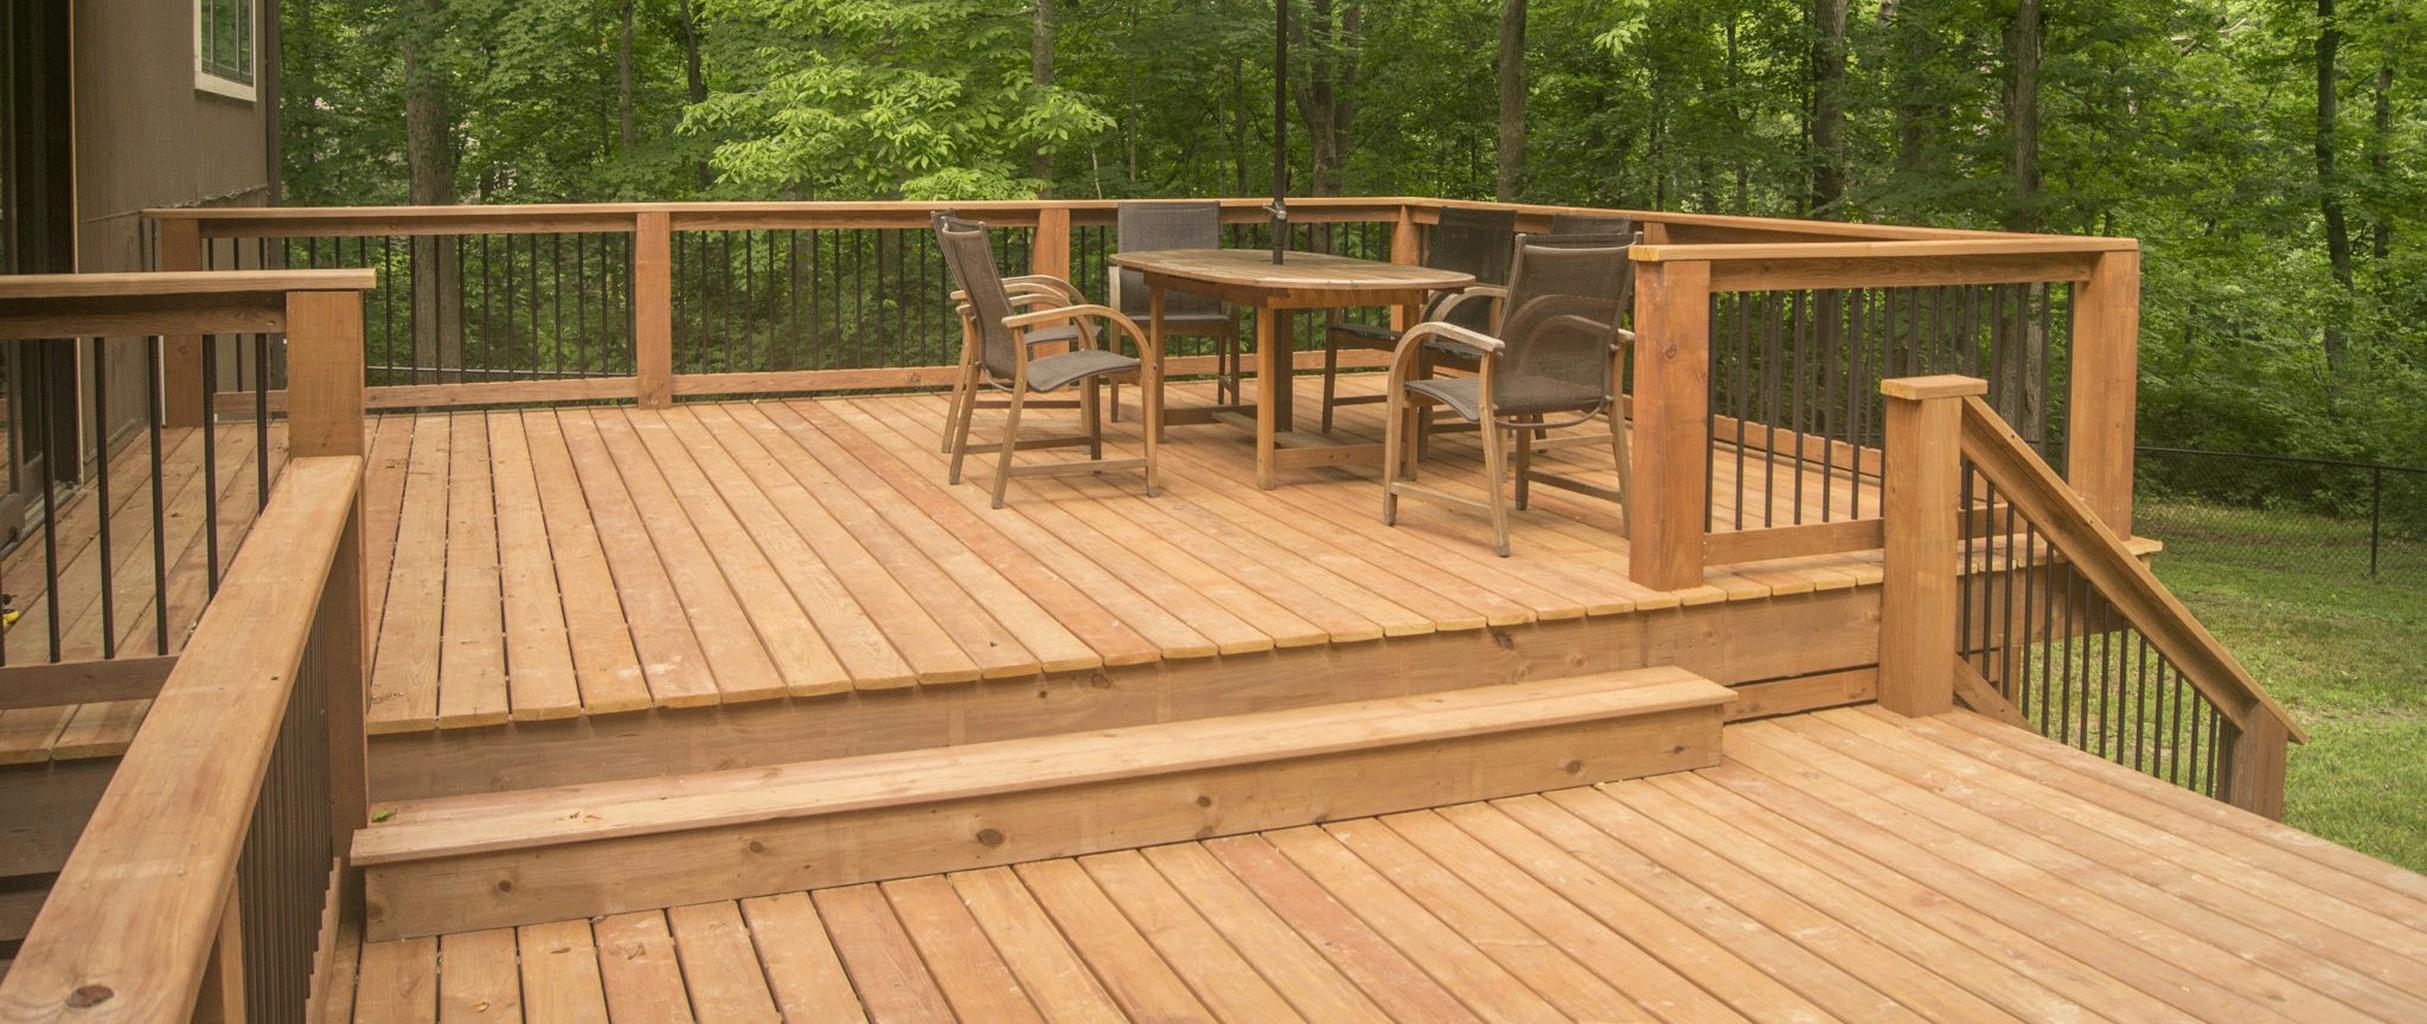 Ossature Métallique Pour Terrasse Bois 10 trucs pour une terrasse écologique très durable